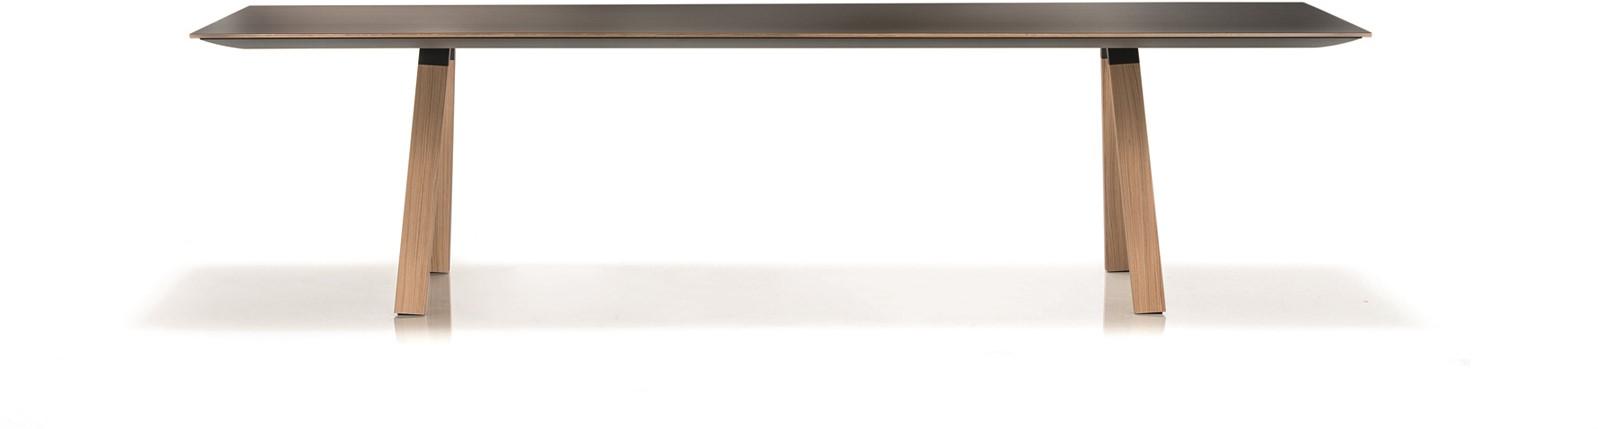 Houten Tafel Met Wit Blad.Arki Tafel Wood Design Vergadertafel Met Een Dun Volkern Blad En